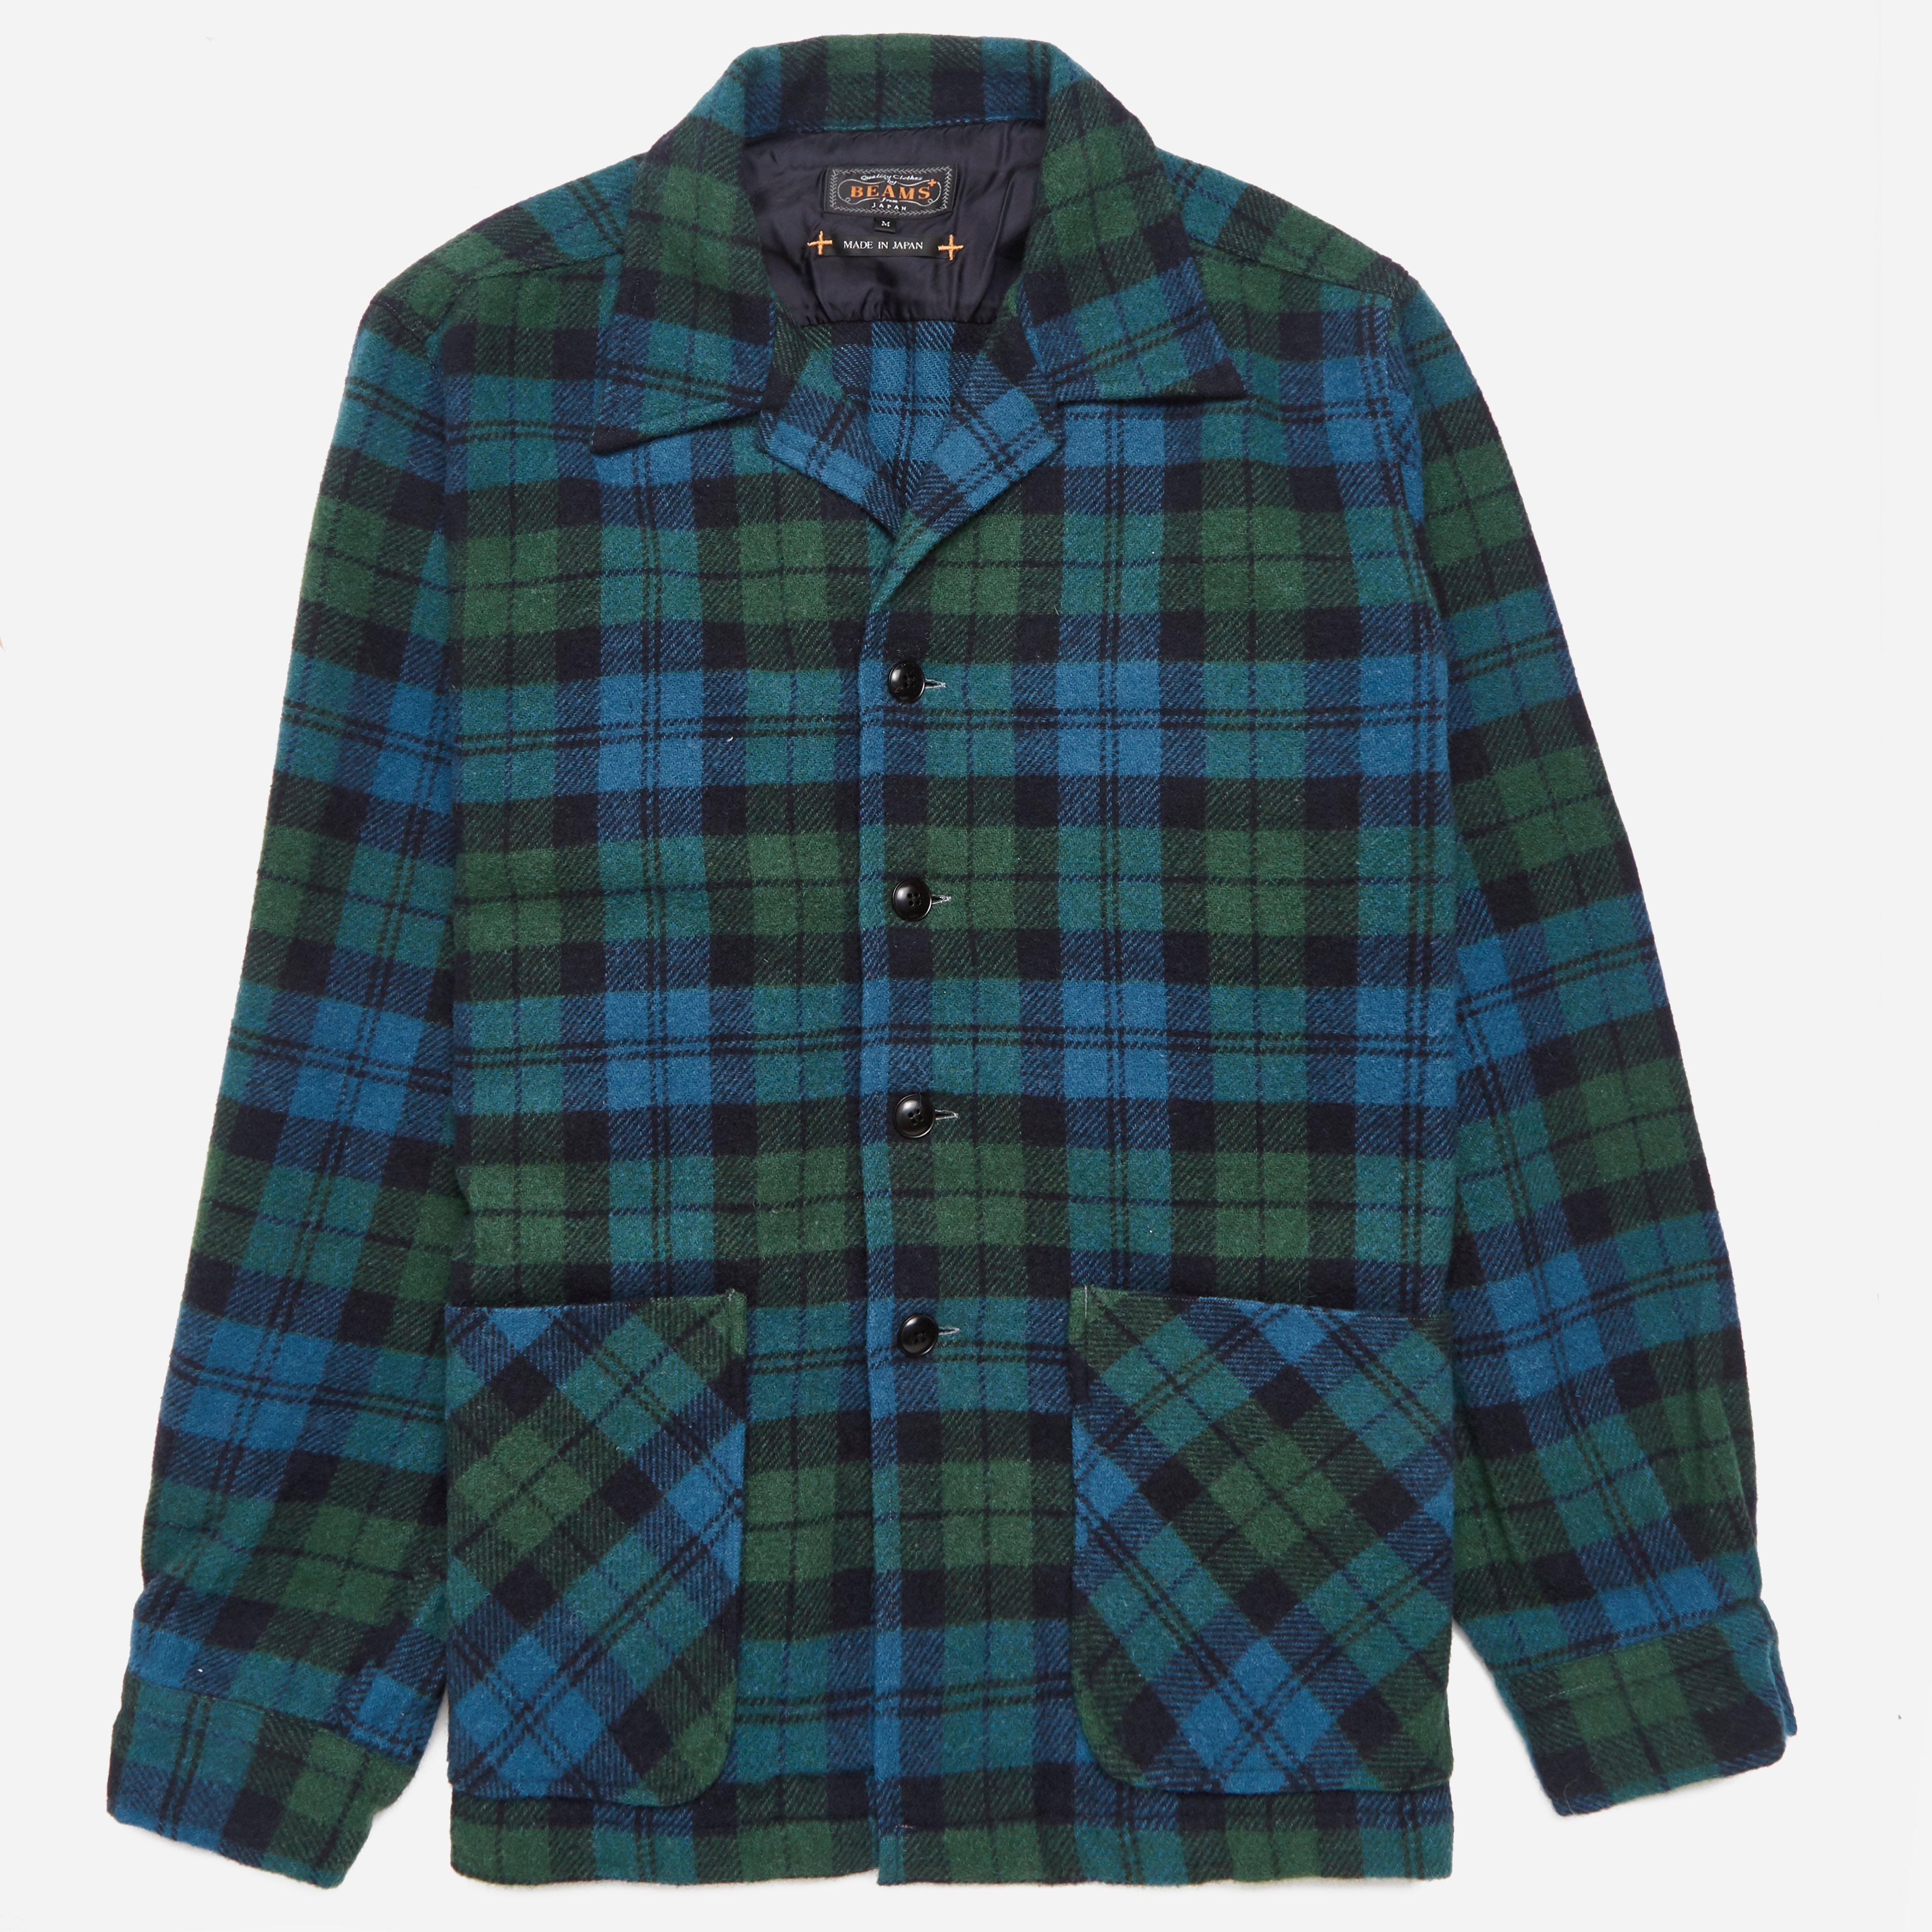 Beams Plus Checked Camp Collar Shirt Jacket